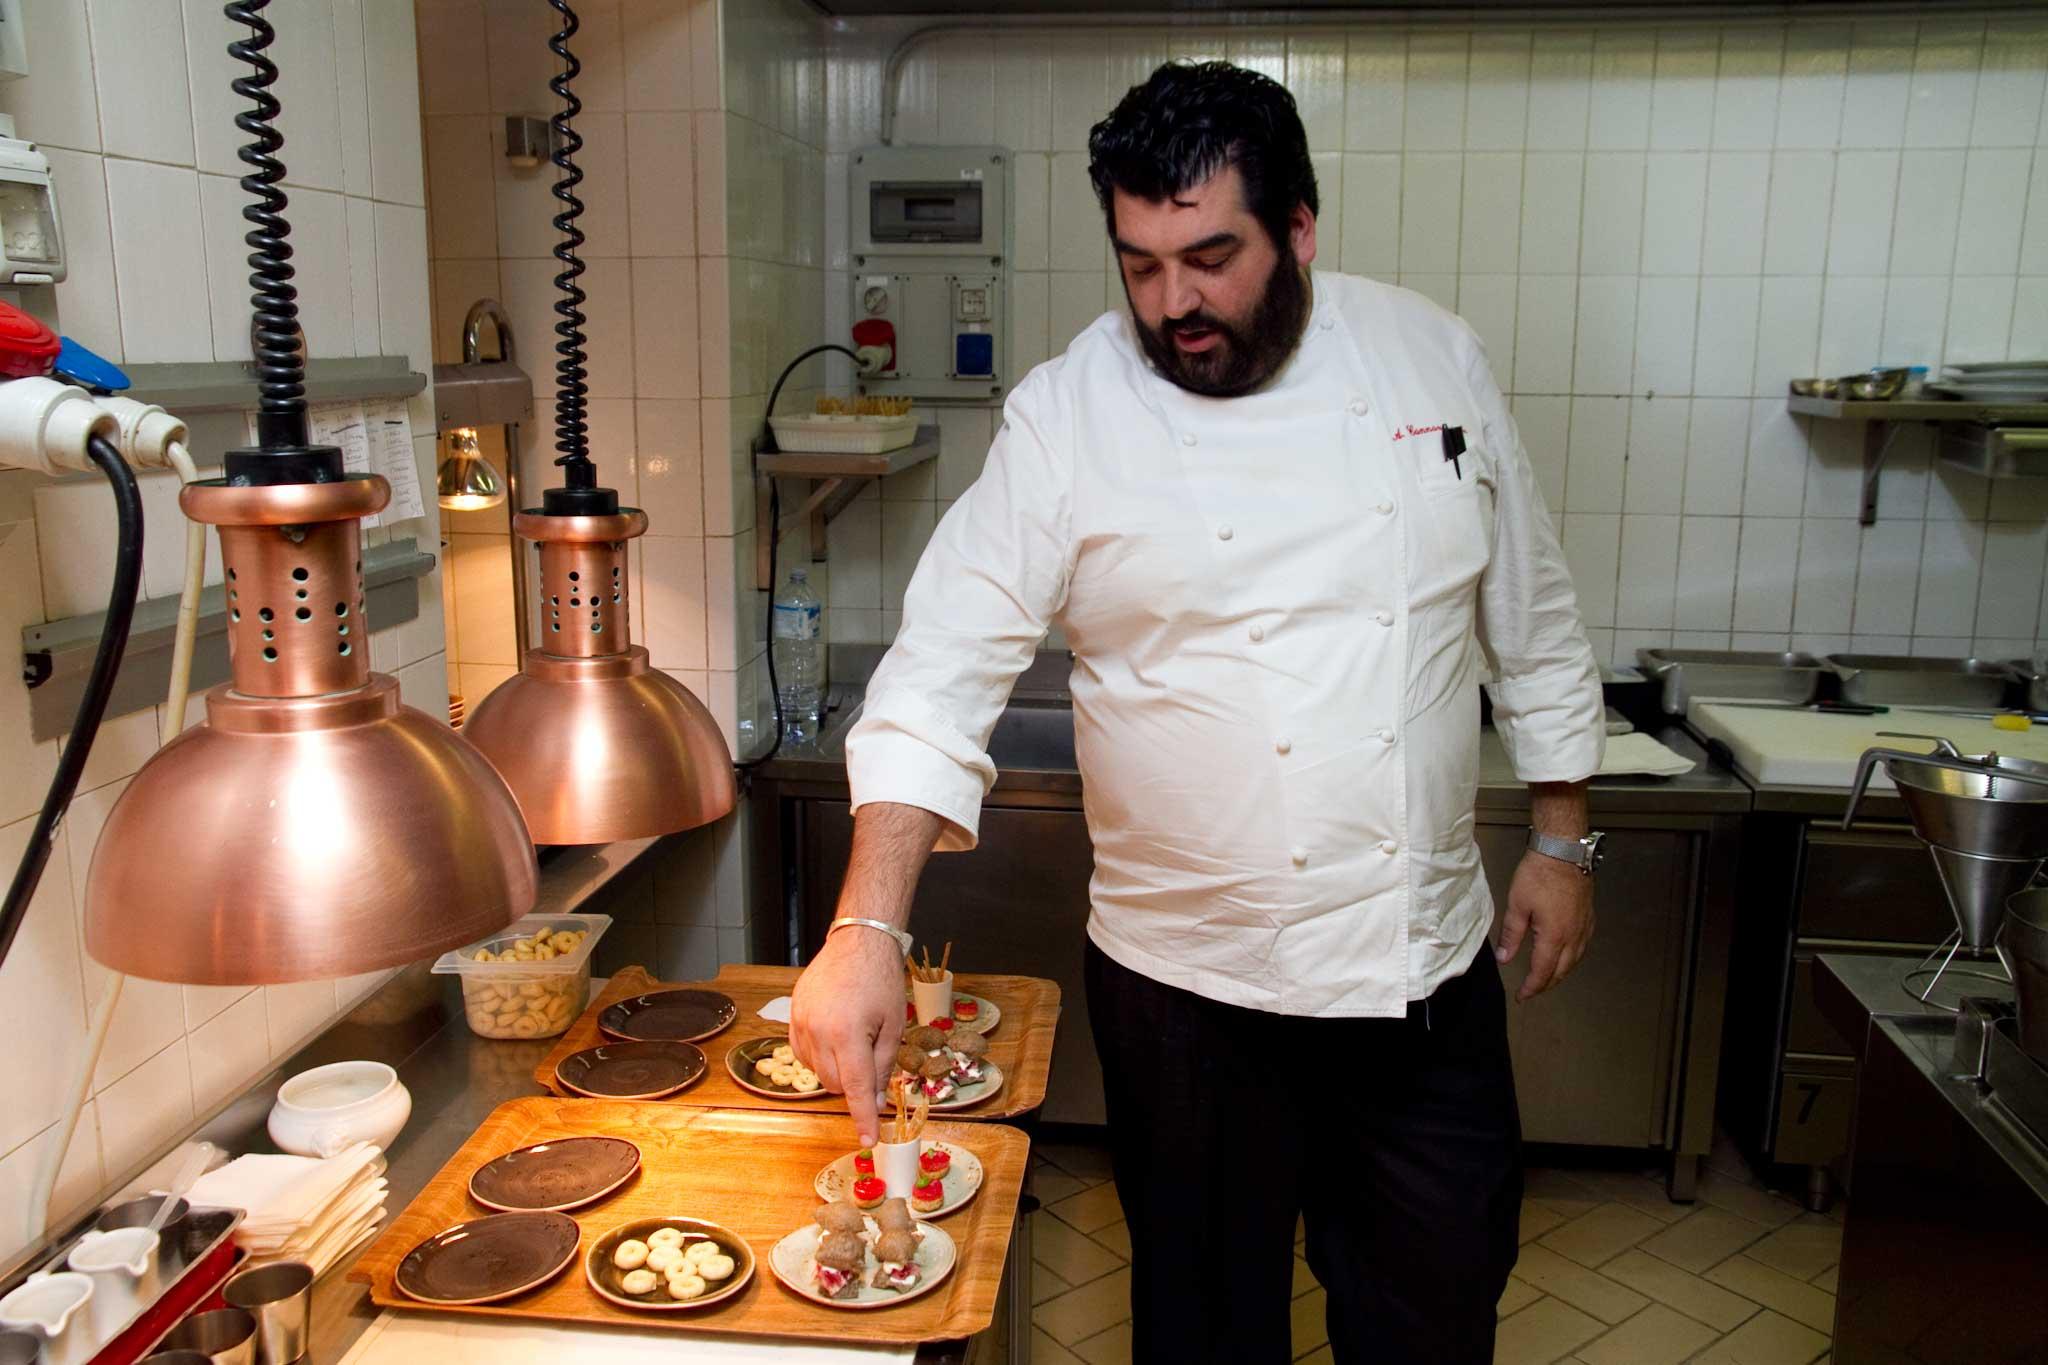 Cucine da incubo a maggio la seconda stagione con cannavacciuolo - Cucine di seconda mano ...